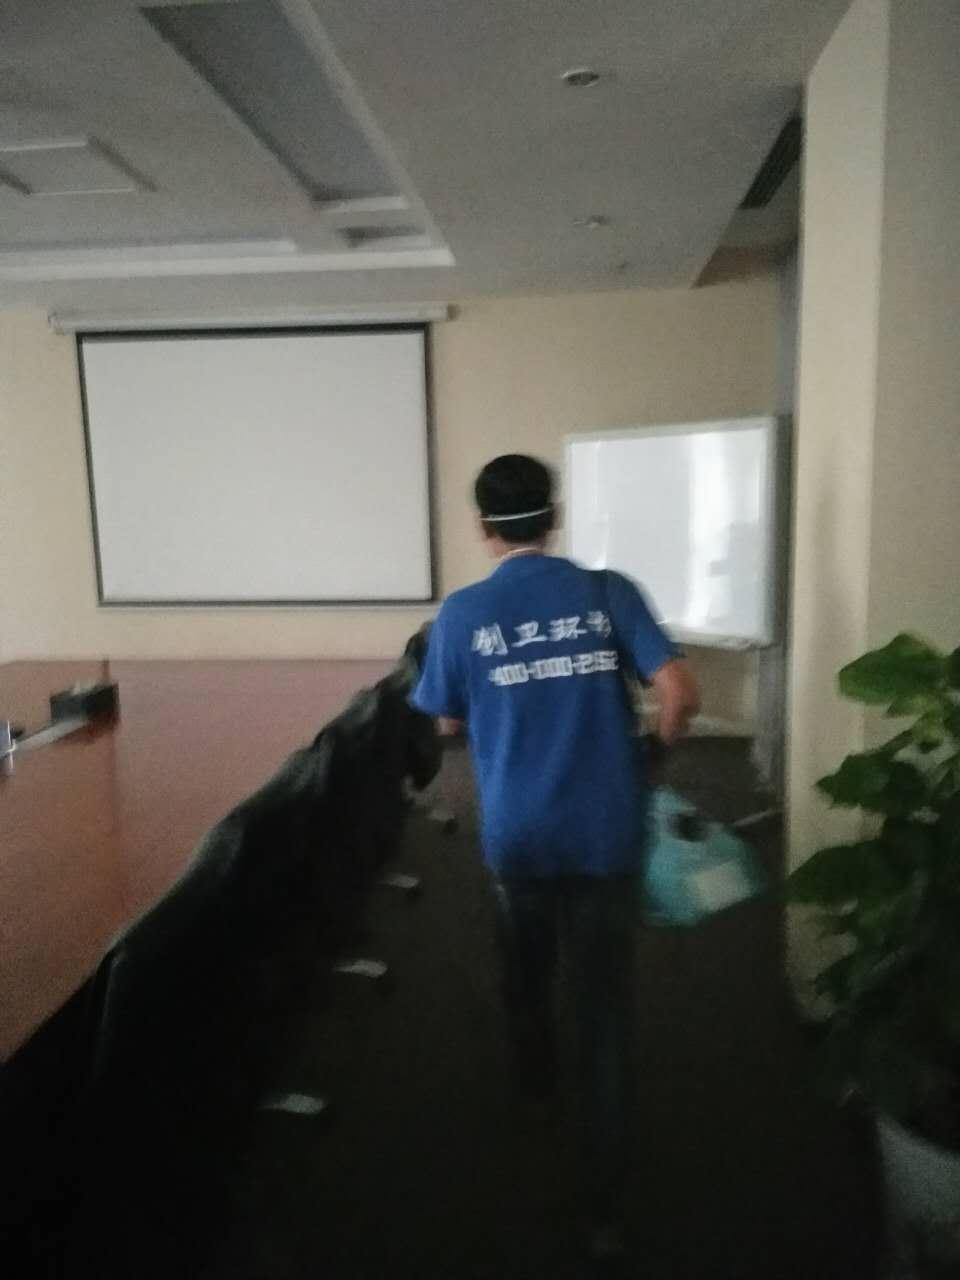 深圳灭跳蚤哪家公司比较专业